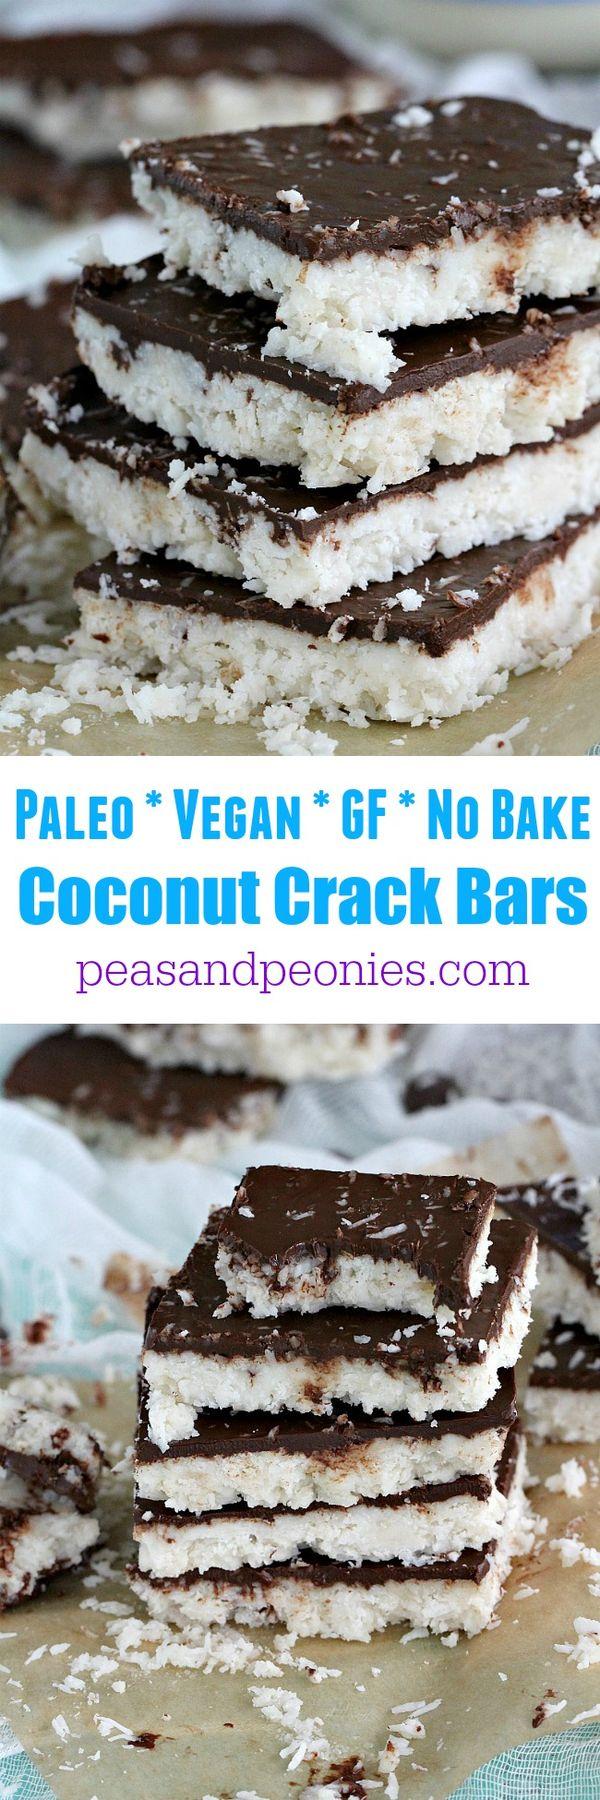 Paleo Coconut Crack Bars - Vegan, No Bake